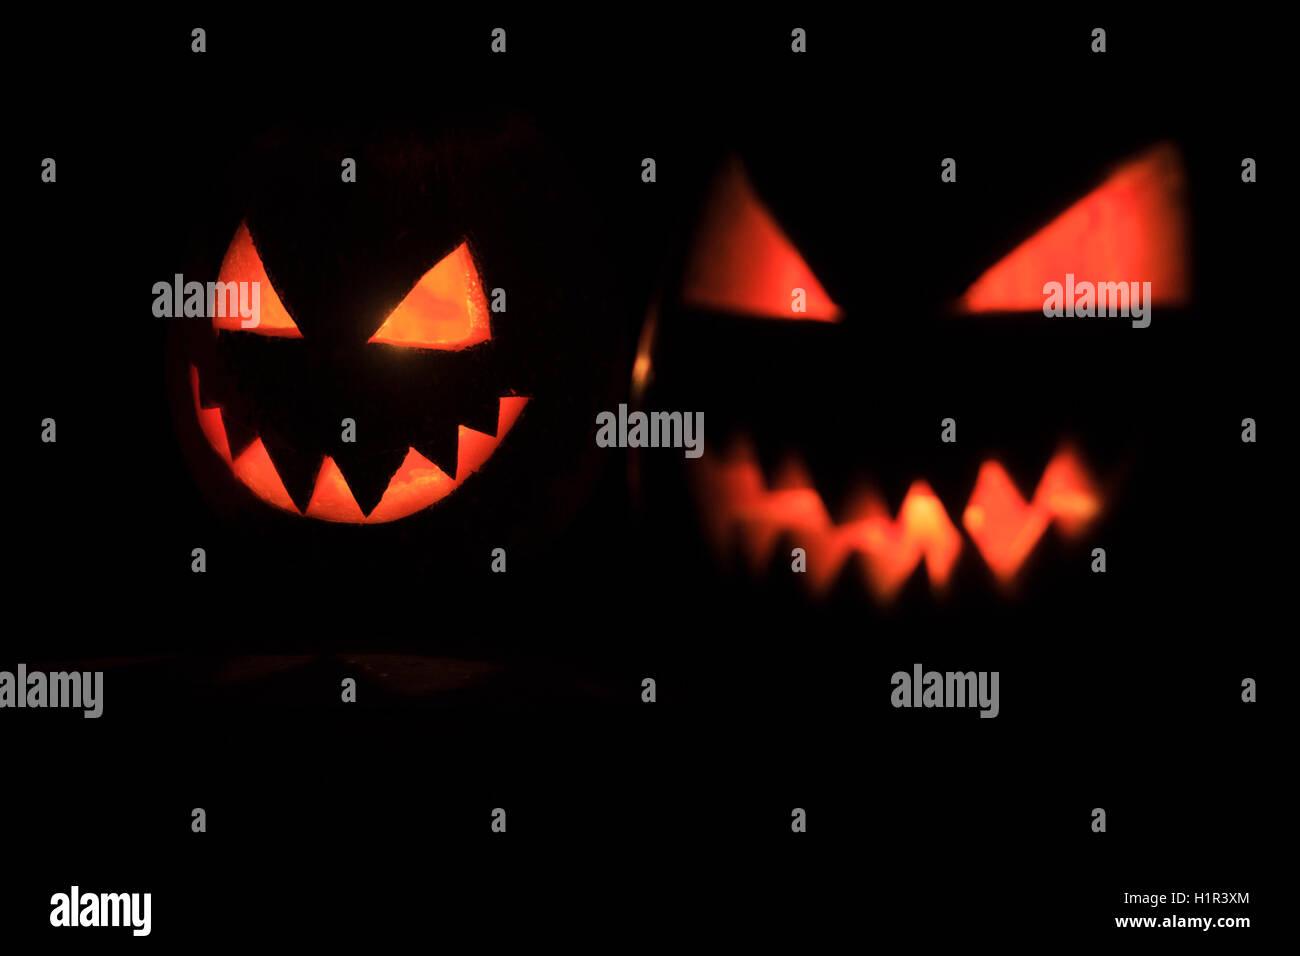 Schrecklichen Kürbis Gesichter Stockfoto Bild 121595228 Alamy